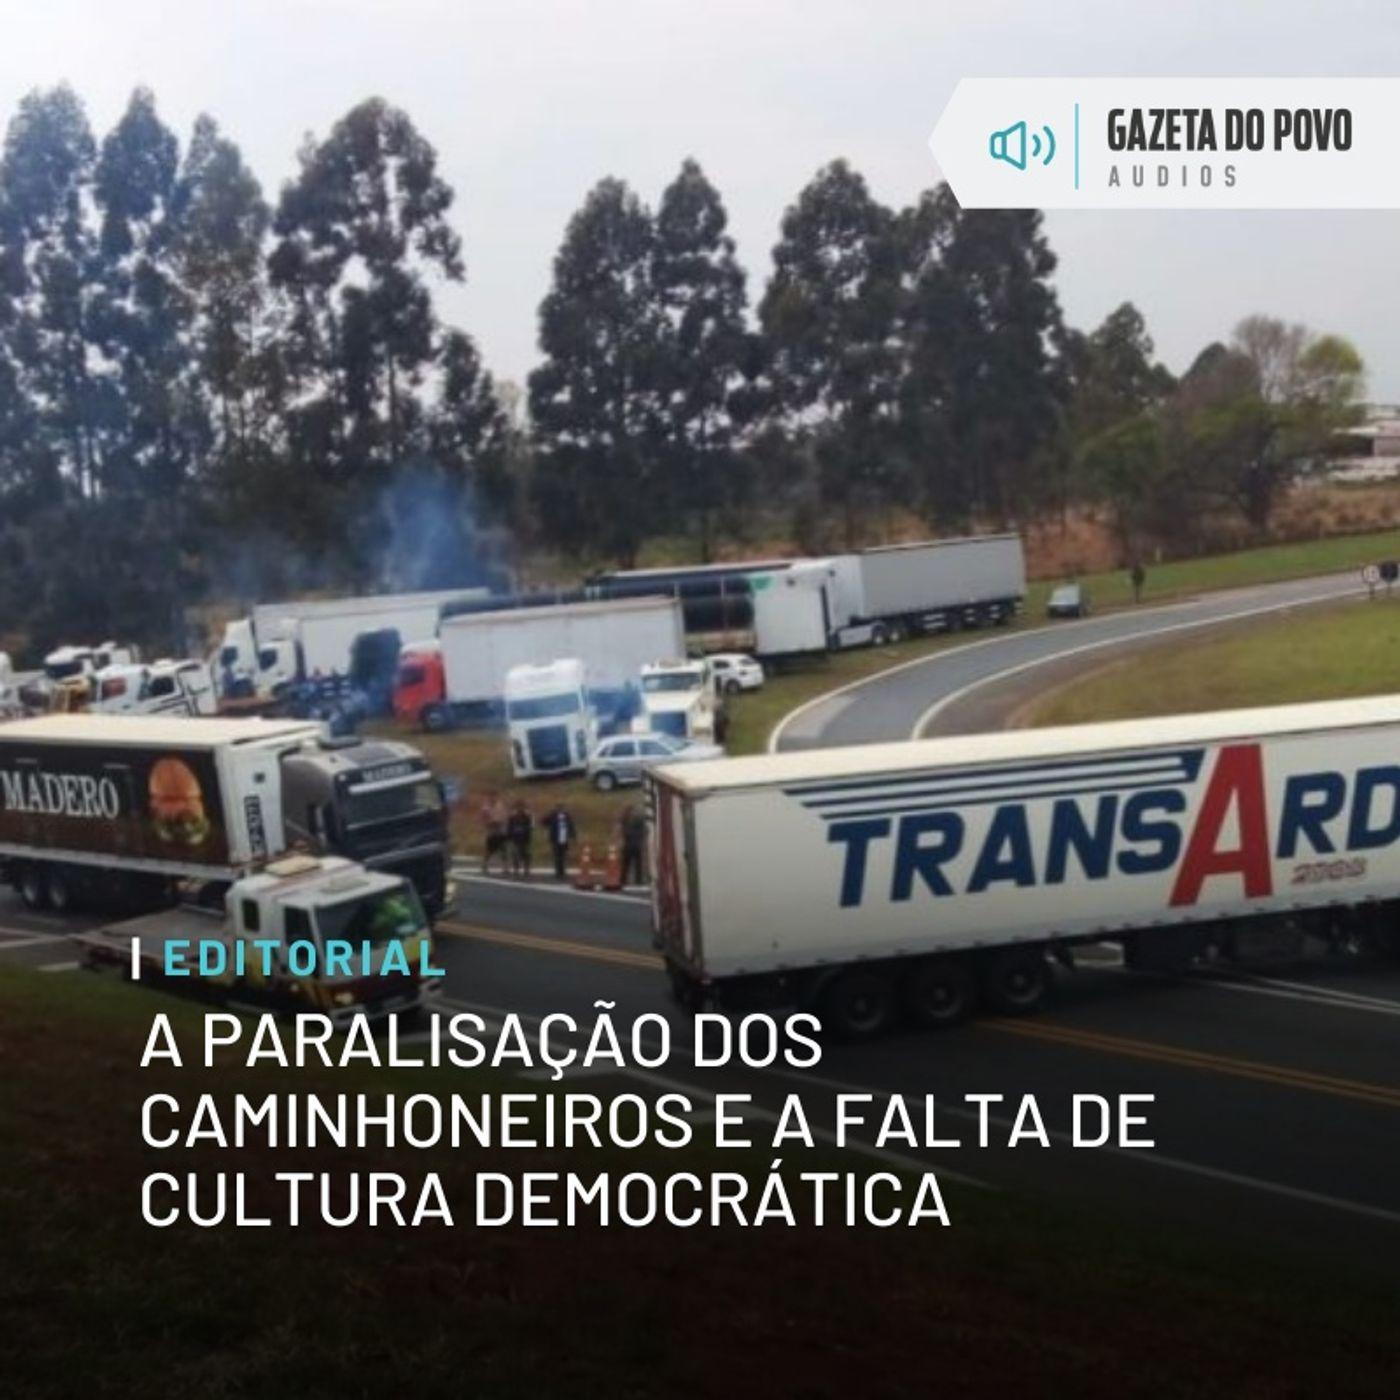 Editorial: A paralisação dos caminhoneiros e a falta de cultura democrática